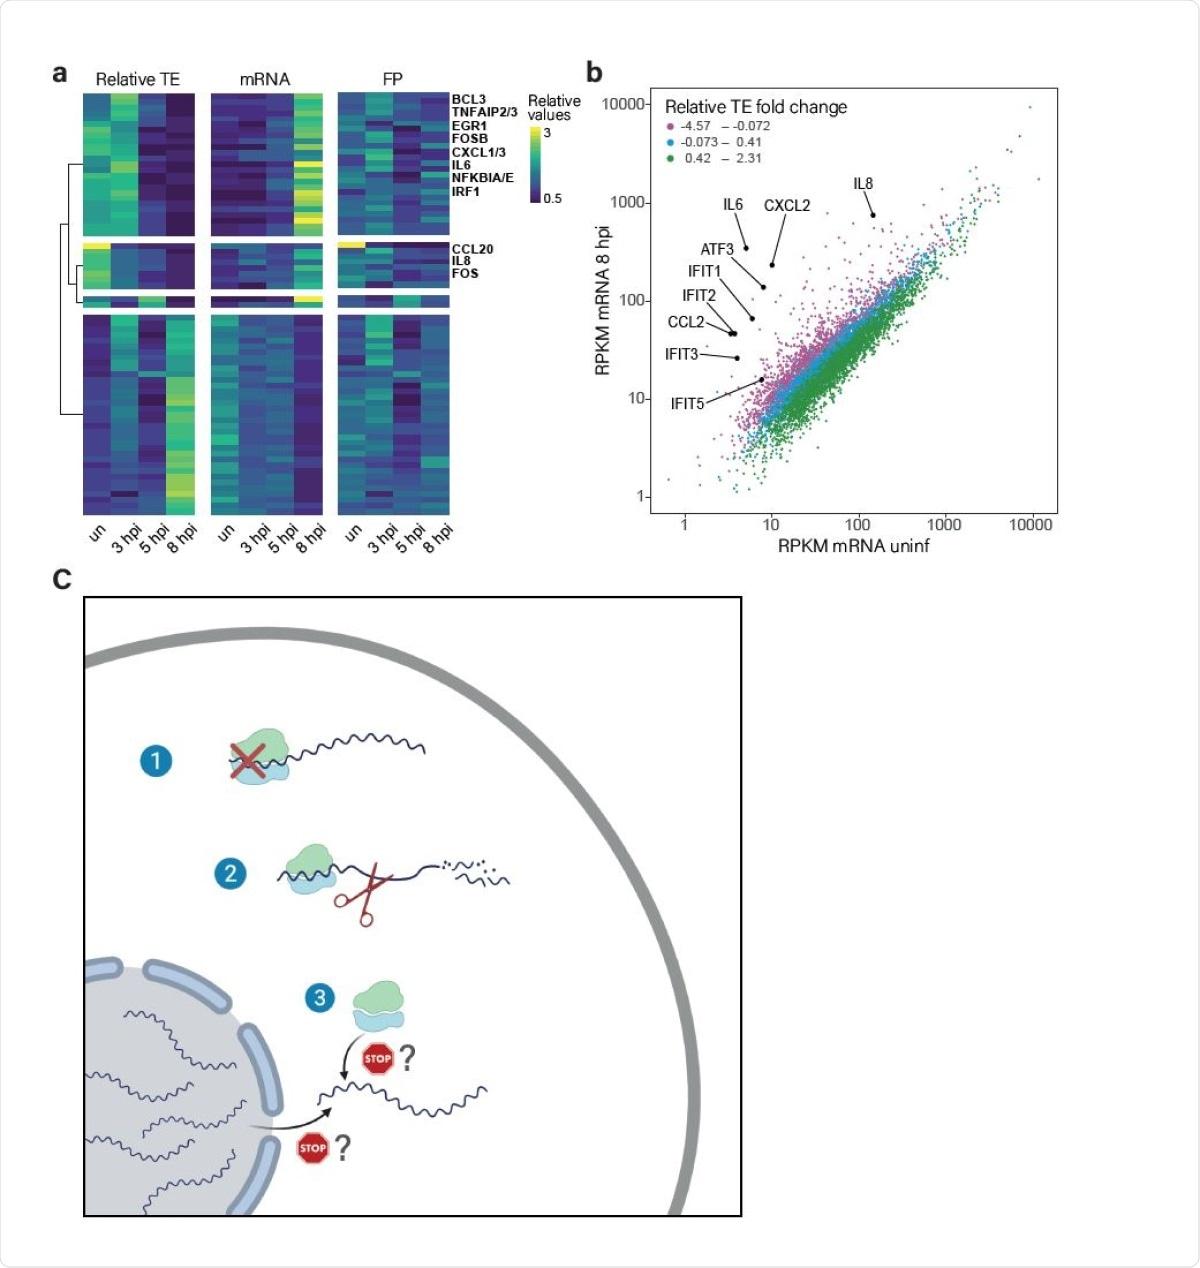 La traducción de las transcripciones inducidas se altera durante la infección.  (A) Mapa de calor que presenta TE relativo, ARNm y huellas (FP) de genes humanos que mostraron los cambios más significativos en su TE relativo a lo largo de la infección por SARS-CoV-2.  Se muestran las relaciones de expresión relativas después de dividir la agrupación en función de los cambios en los valores de TE relativos.  (B) Gráfico de dispersión que presenta los niveles de transcripción celular en células no infectadas en comparación con 8hpi.  Los genes se colorean según el cambio relativo en su TE entre no infectado y 8hpi.  Las citocinas centrales y los genes estimulados por IFN están marcados.  (C) Un modelo de cómo el SARS-CoV-2 suprime la expresión génica del huésped mediante un enfoque de múltiples frentes: 1. Reducción de la traducción global;  2. Degradación de los ARNm celulares citosólicos;  3. Inhibición de la traducción específica de ARNm celulares recién sintetizados.